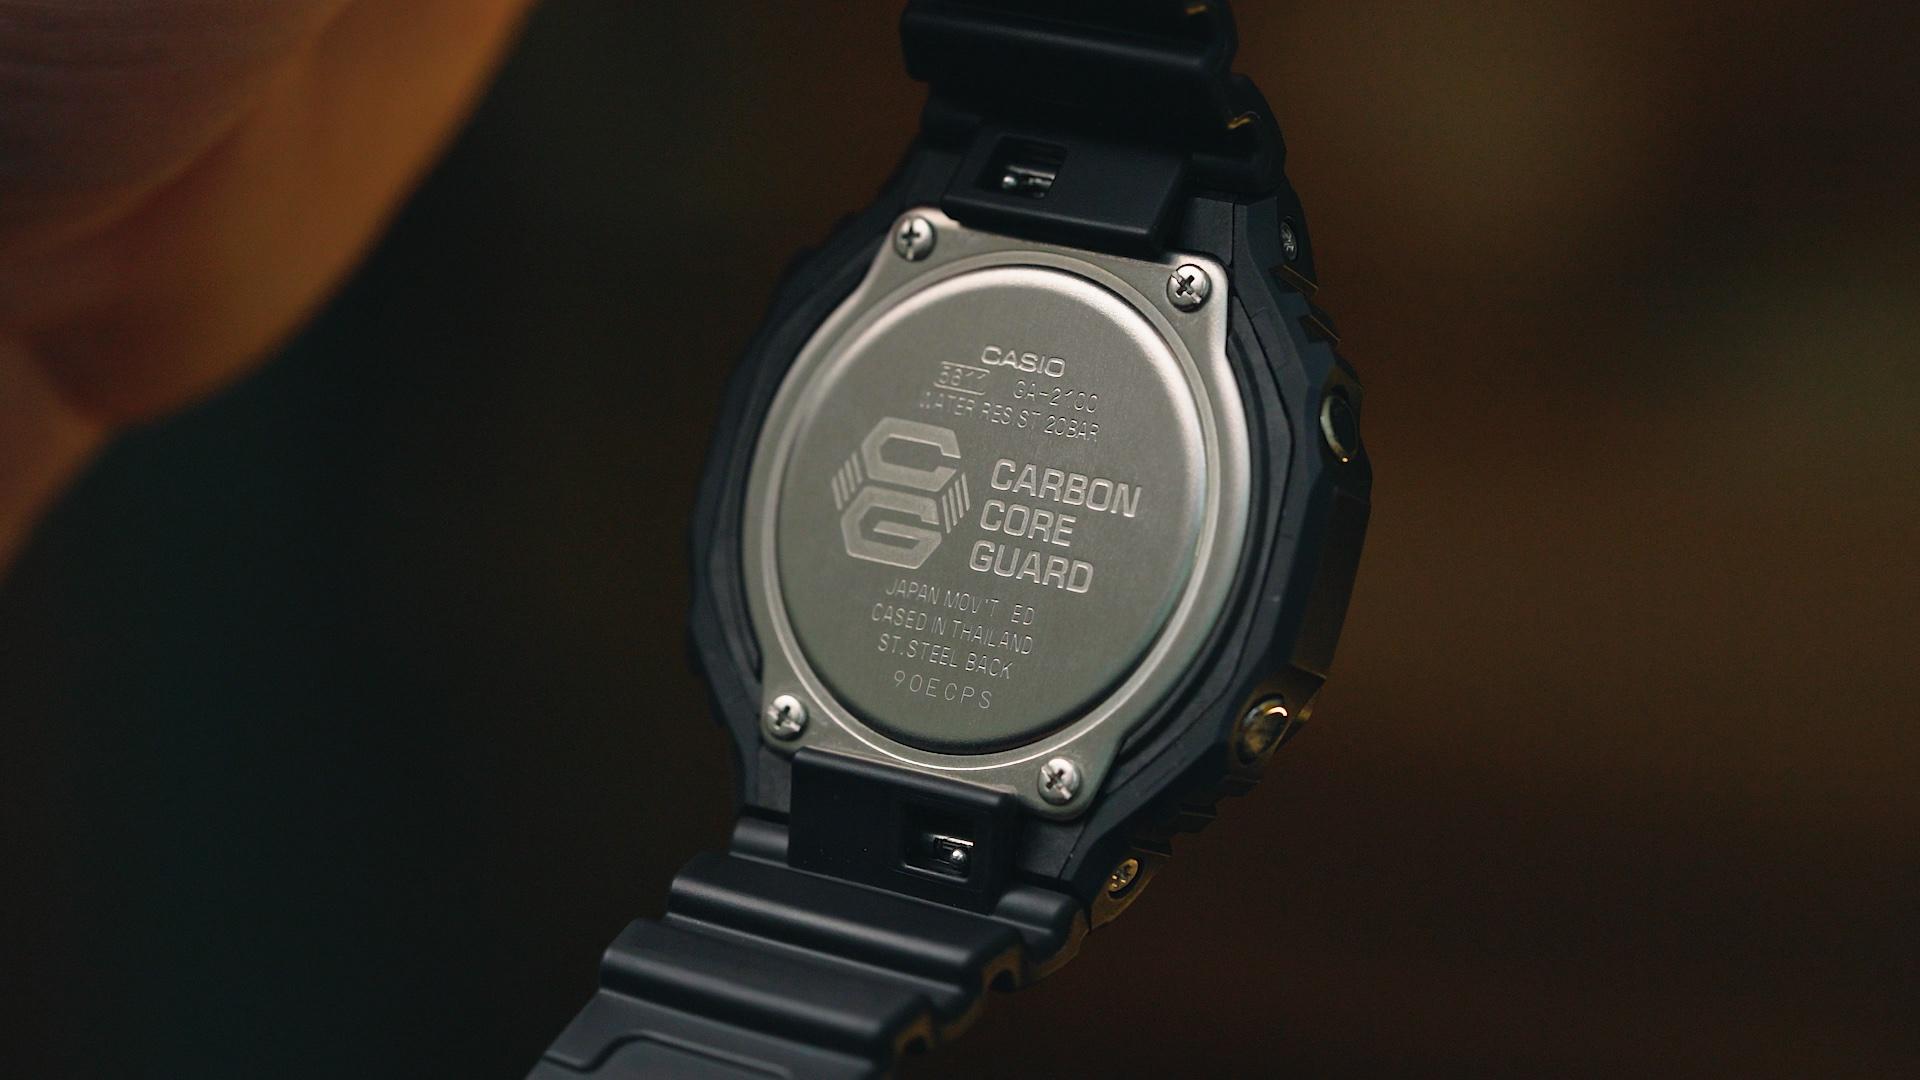 Casio G-Shock GA2100-1A 'CasiOak'